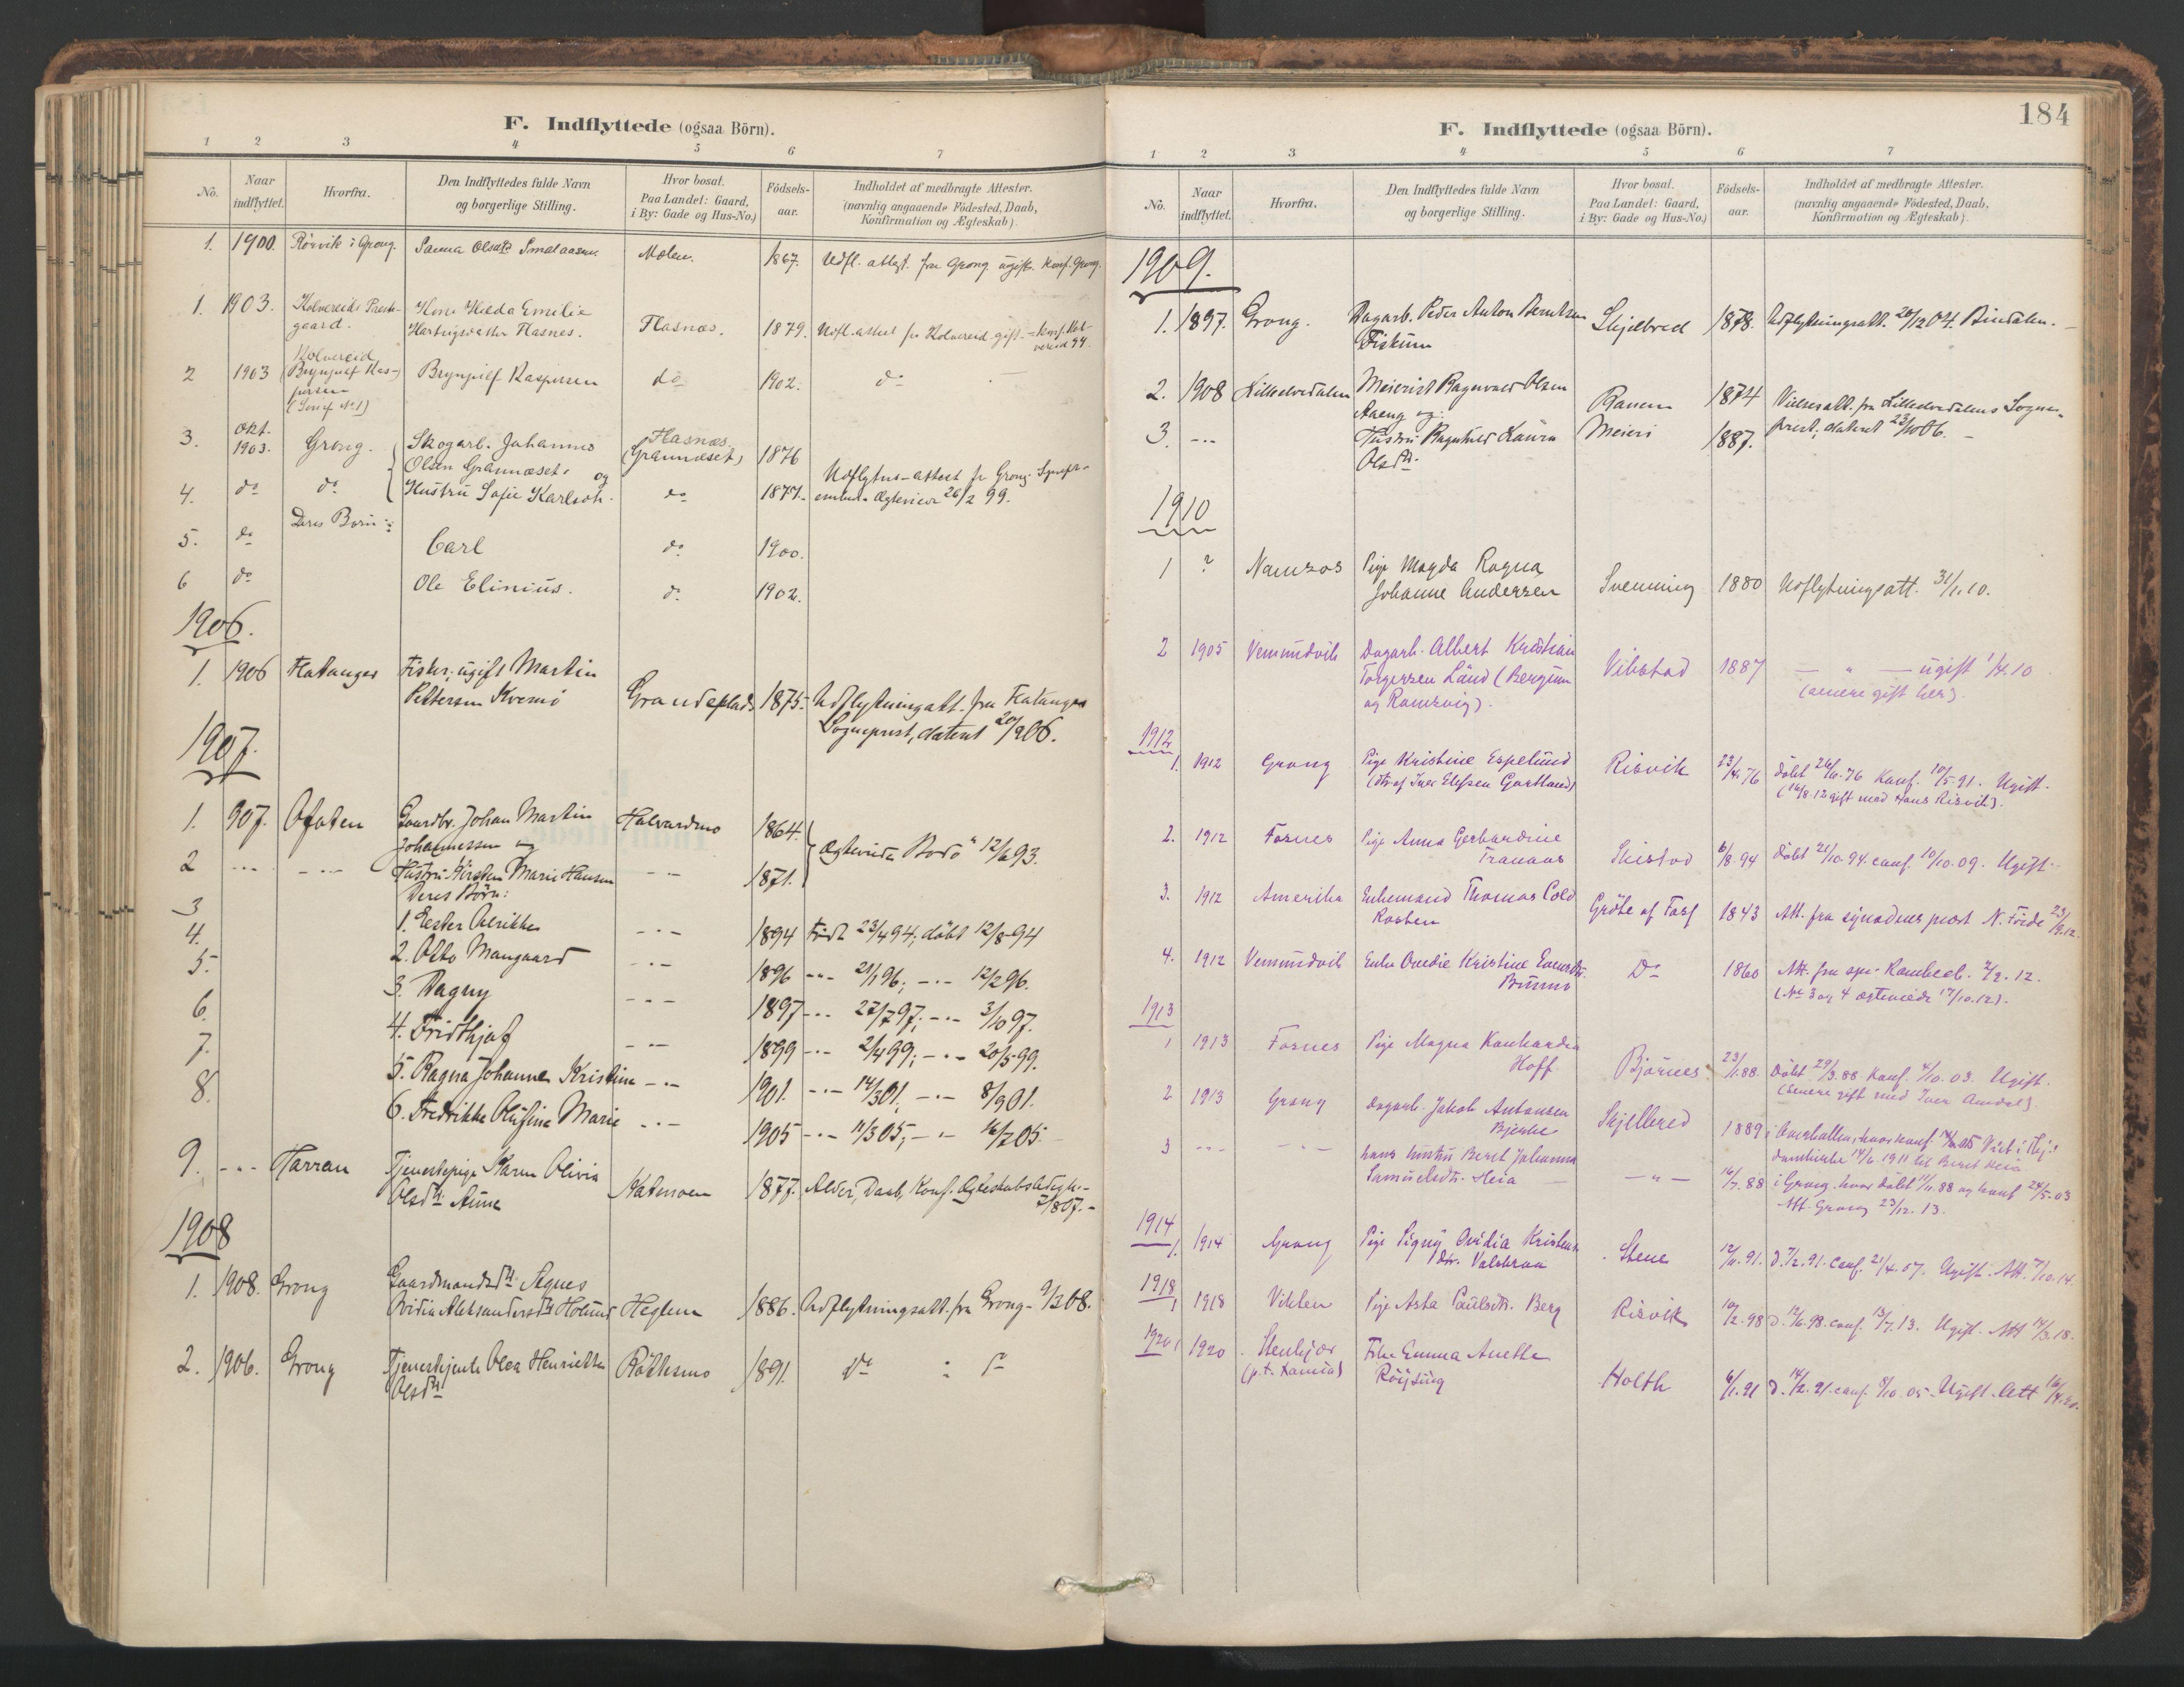 SAT, Ministerialprotokoller, klokkerbøker og fødselsregistre - Nord-Trøndelag, 764/L0556: Ministerialbok nr. 764A11, 1897-1924, s. 184